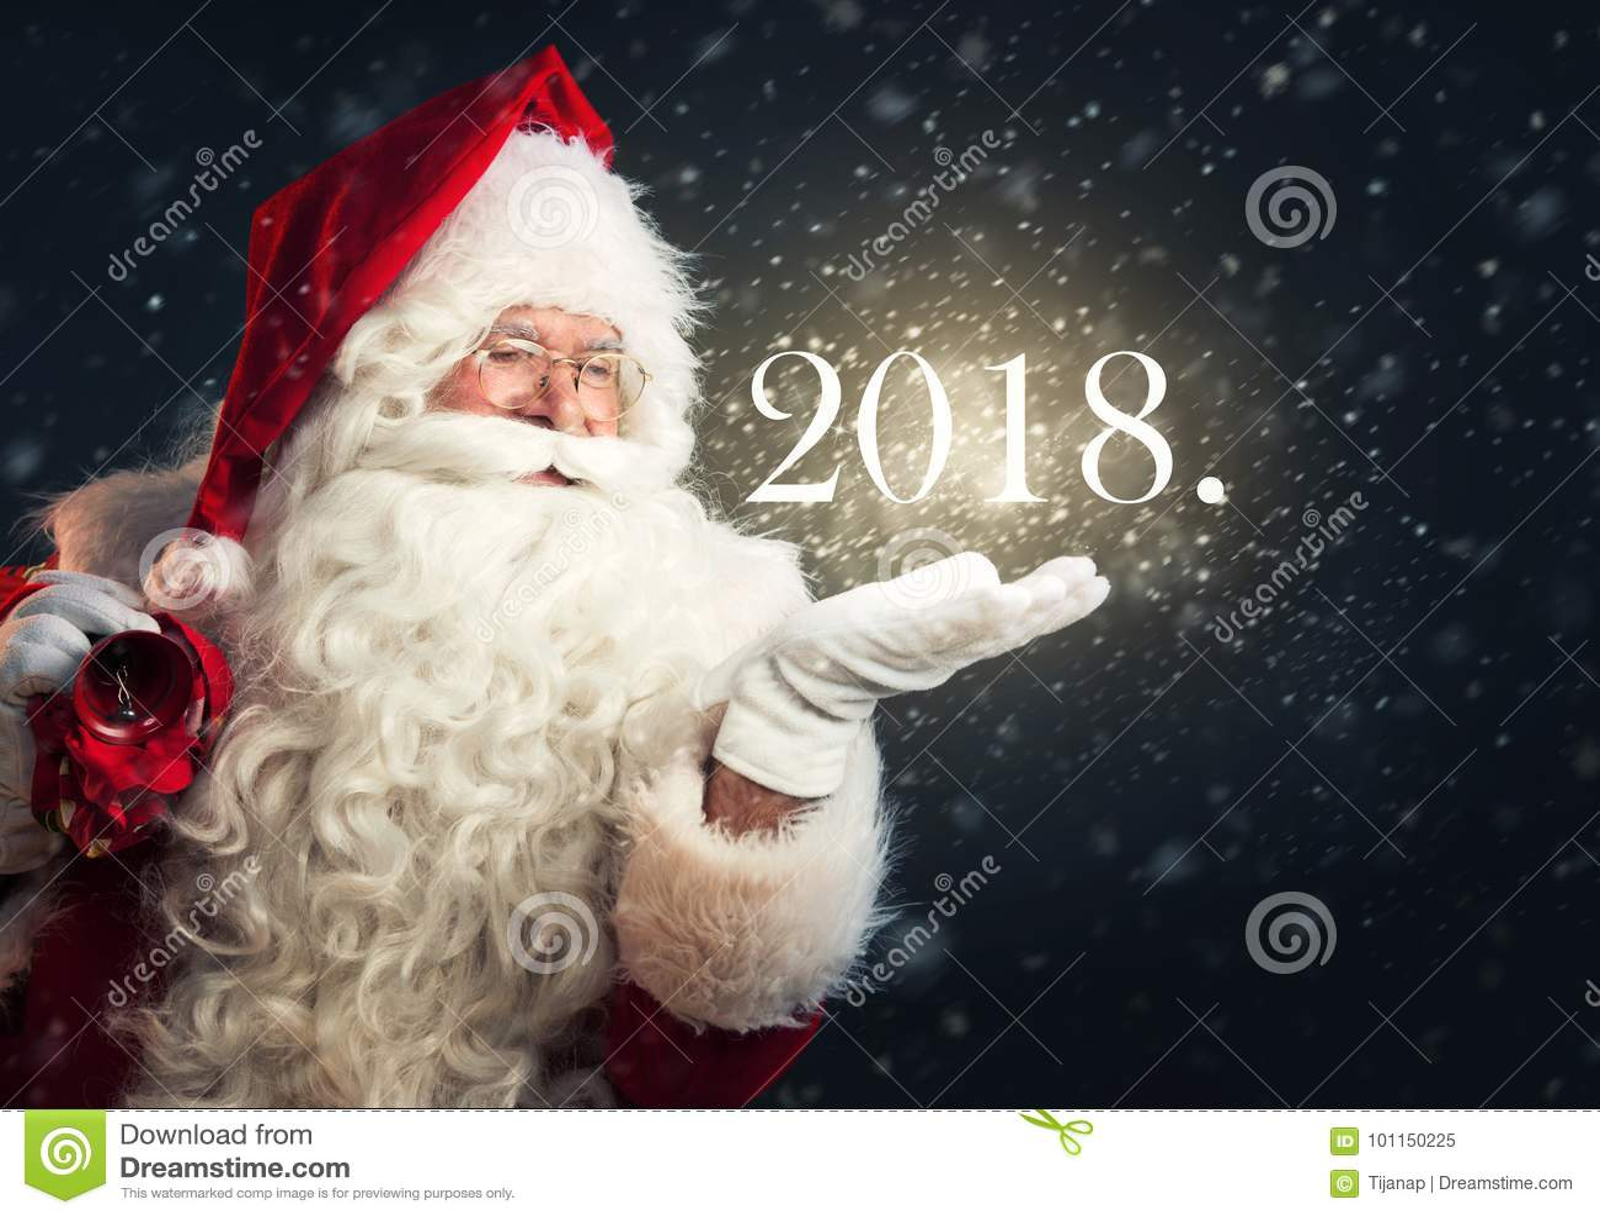 Santa Claus que funde a neve mágica de sua mão, guardando um ano 2018